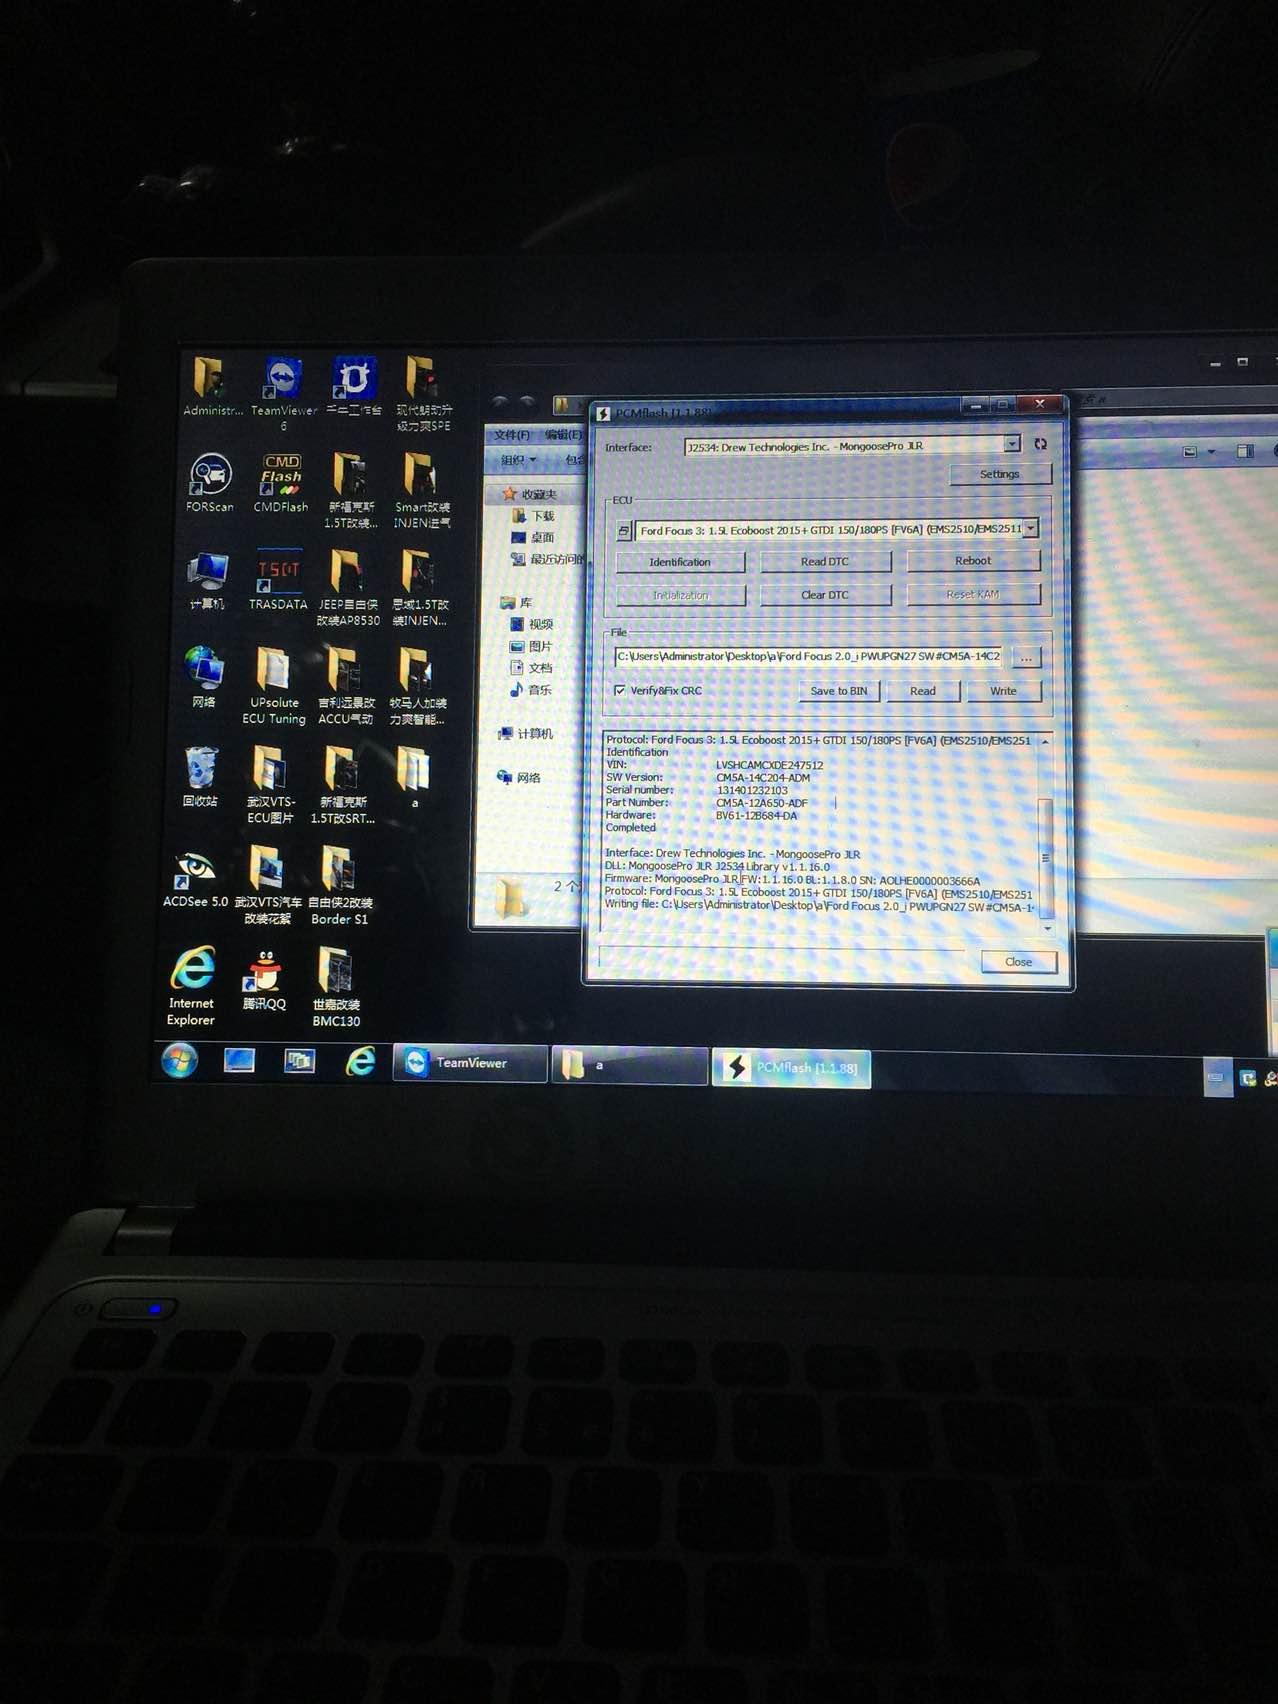 新福克斯2.0自吸夜刷ECU程序… 原车数据:170匹/202牛 刷后数据:192匹/235牛